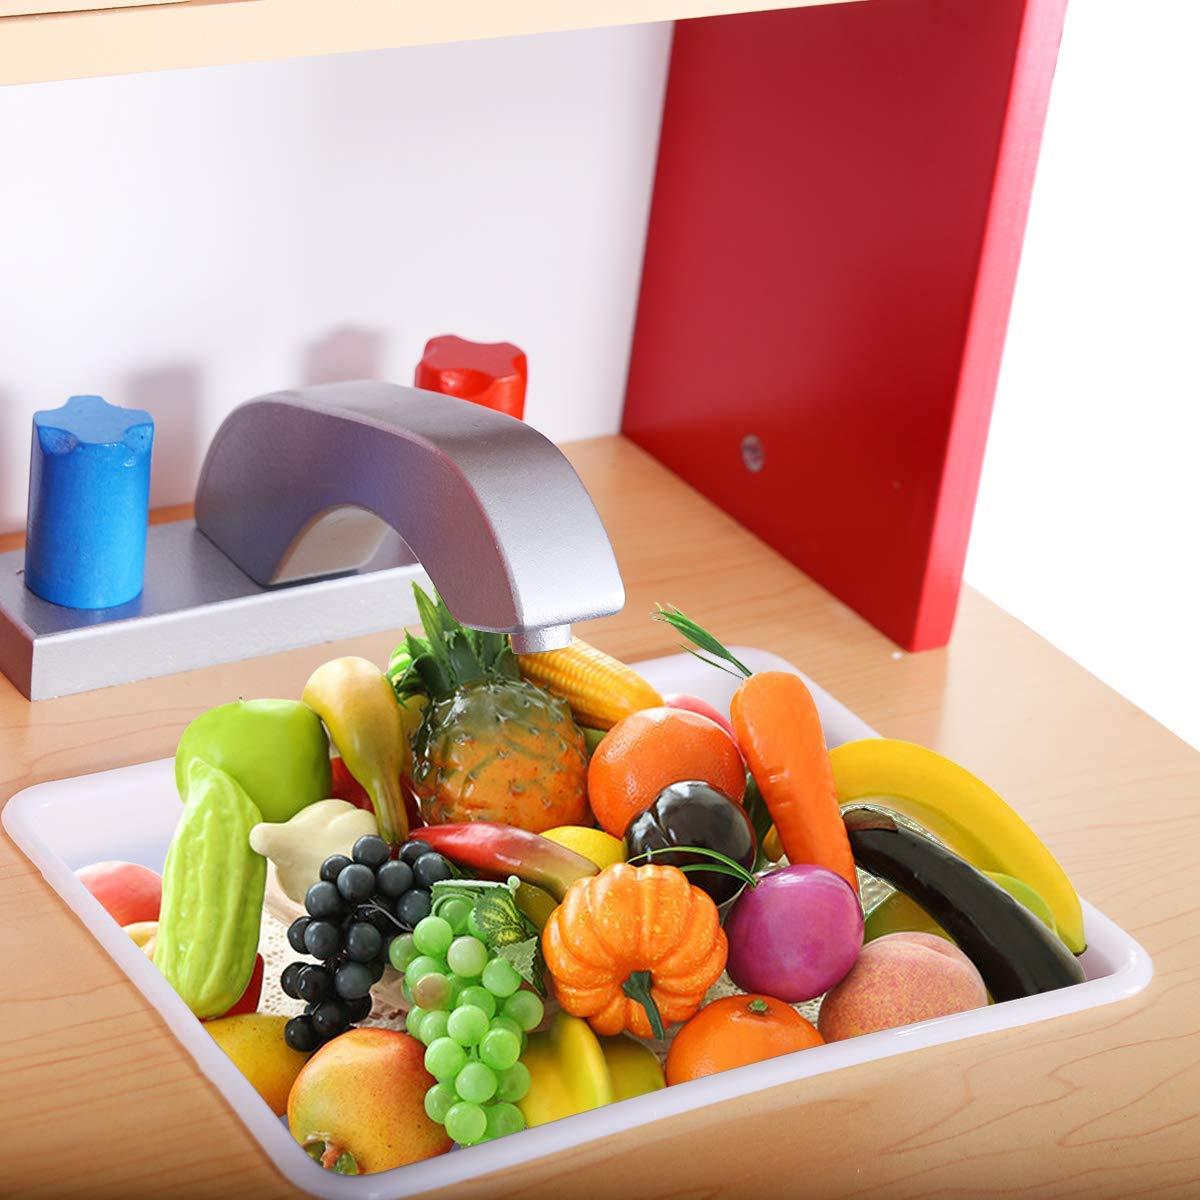 COSTWAY Cucina per Bambini Cucina Giocattolo in Legno con Accessori Riproduzione Perfetta